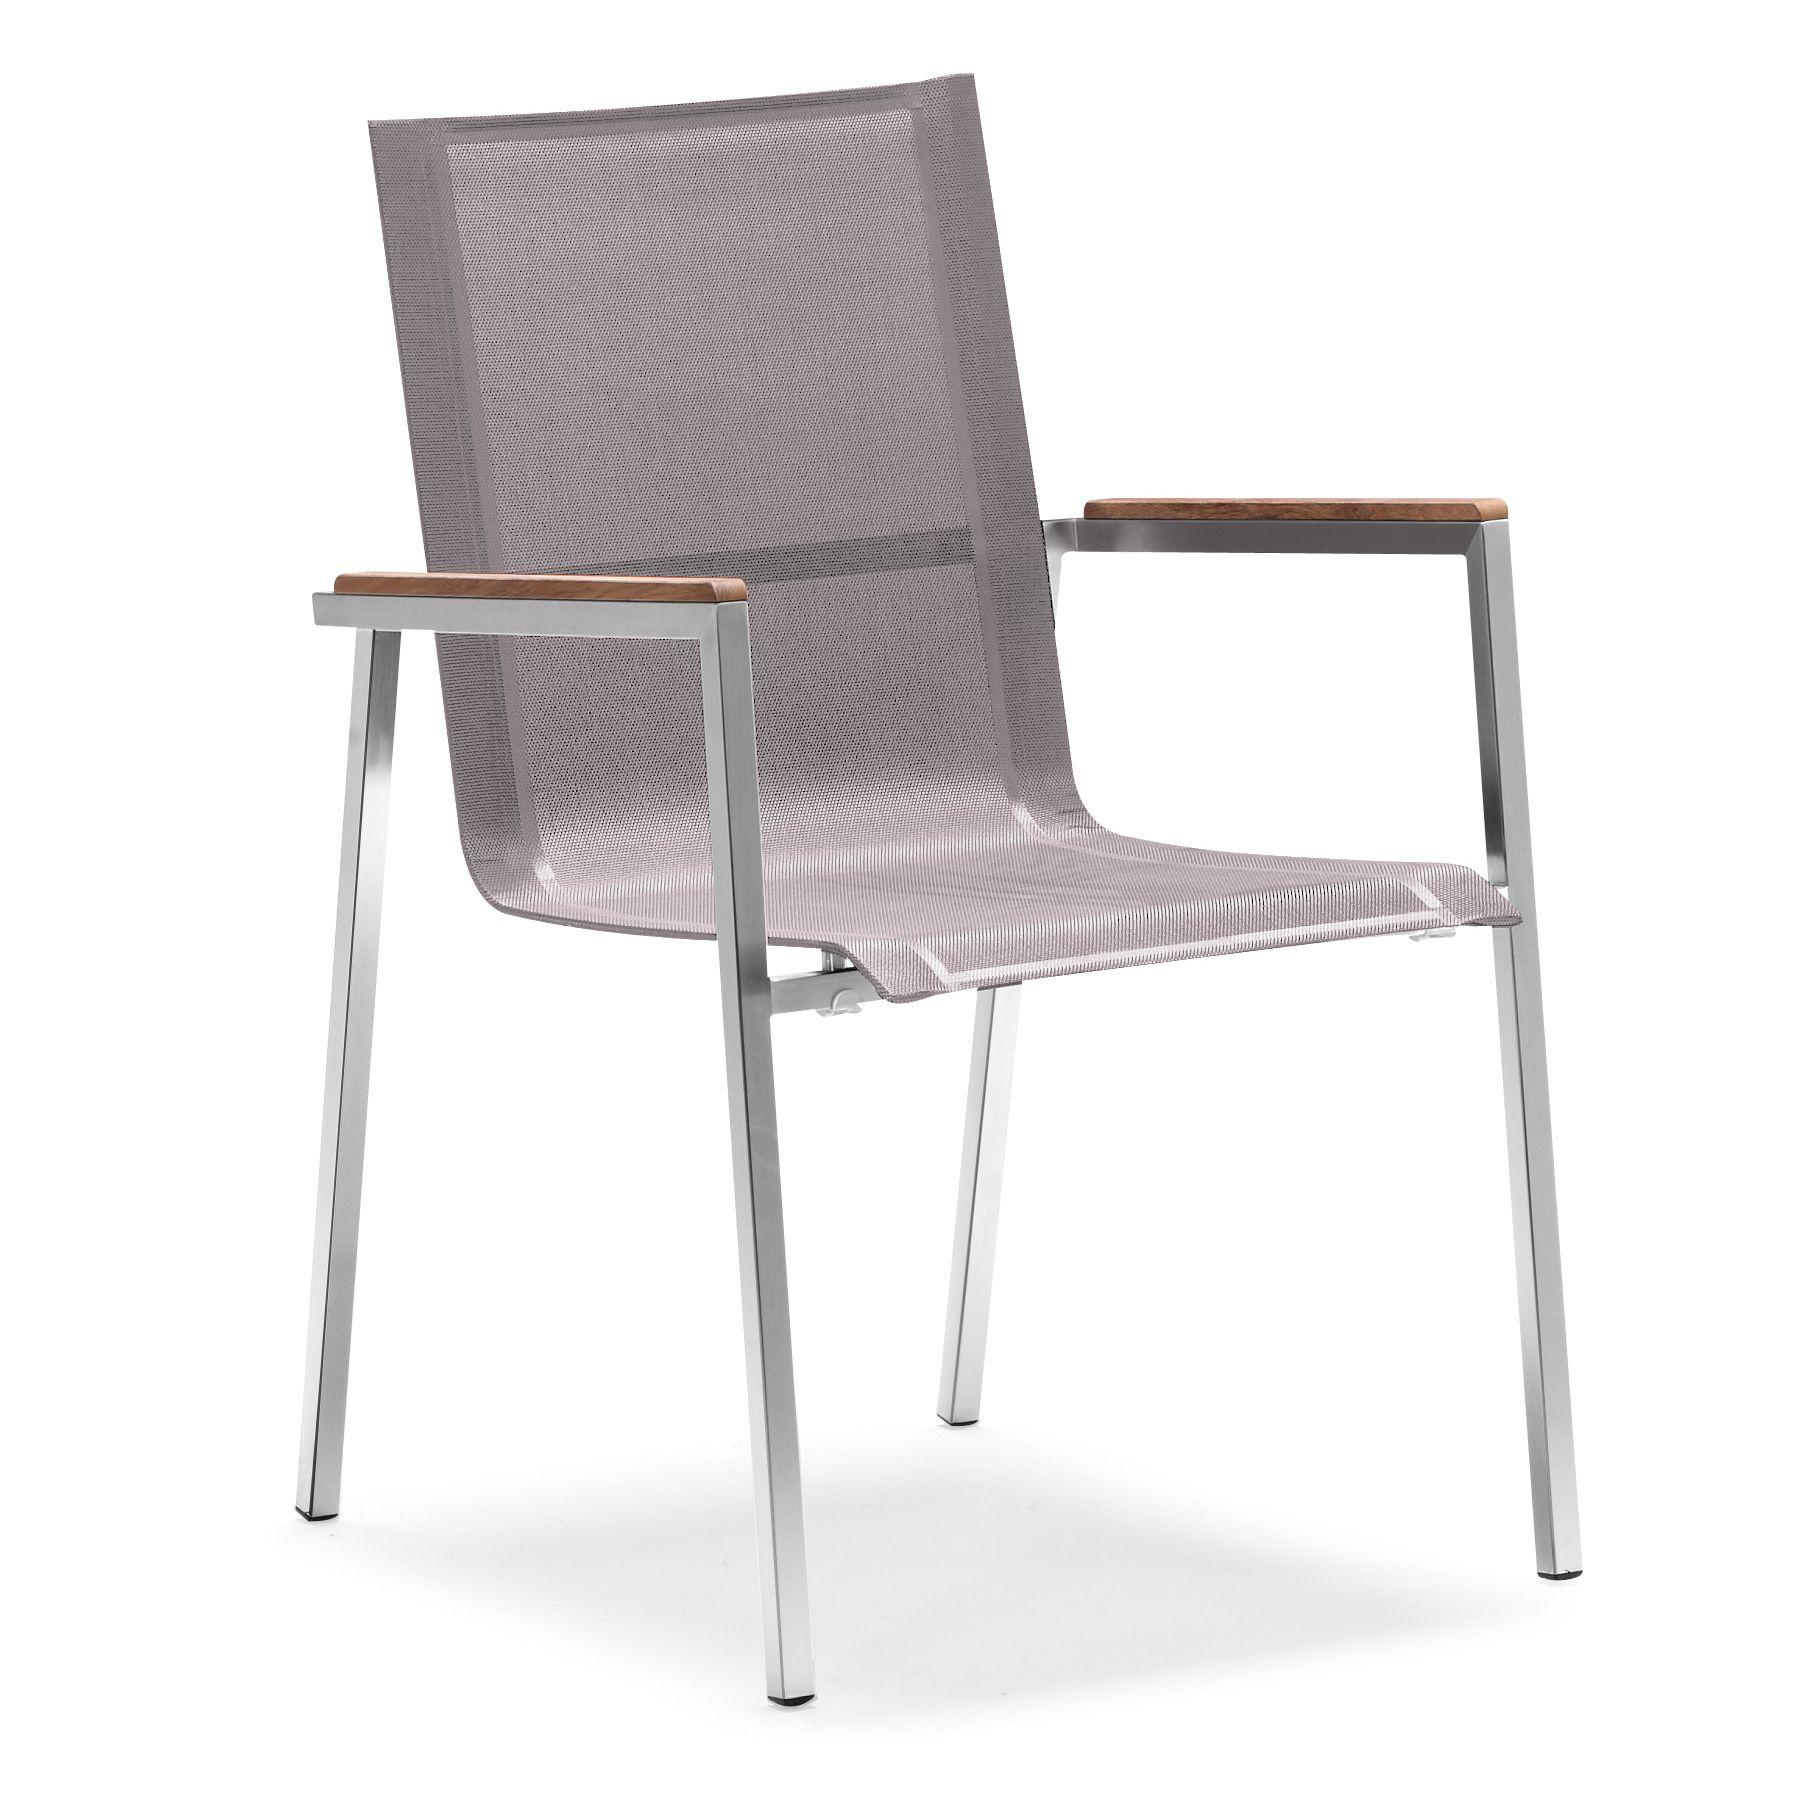 zelsius gartenstuhl premium edelstahl textilene mit teak armlehne taupe 4260120779125 ebay. Black Bedroom Furniture Sets. Home Design Ideas